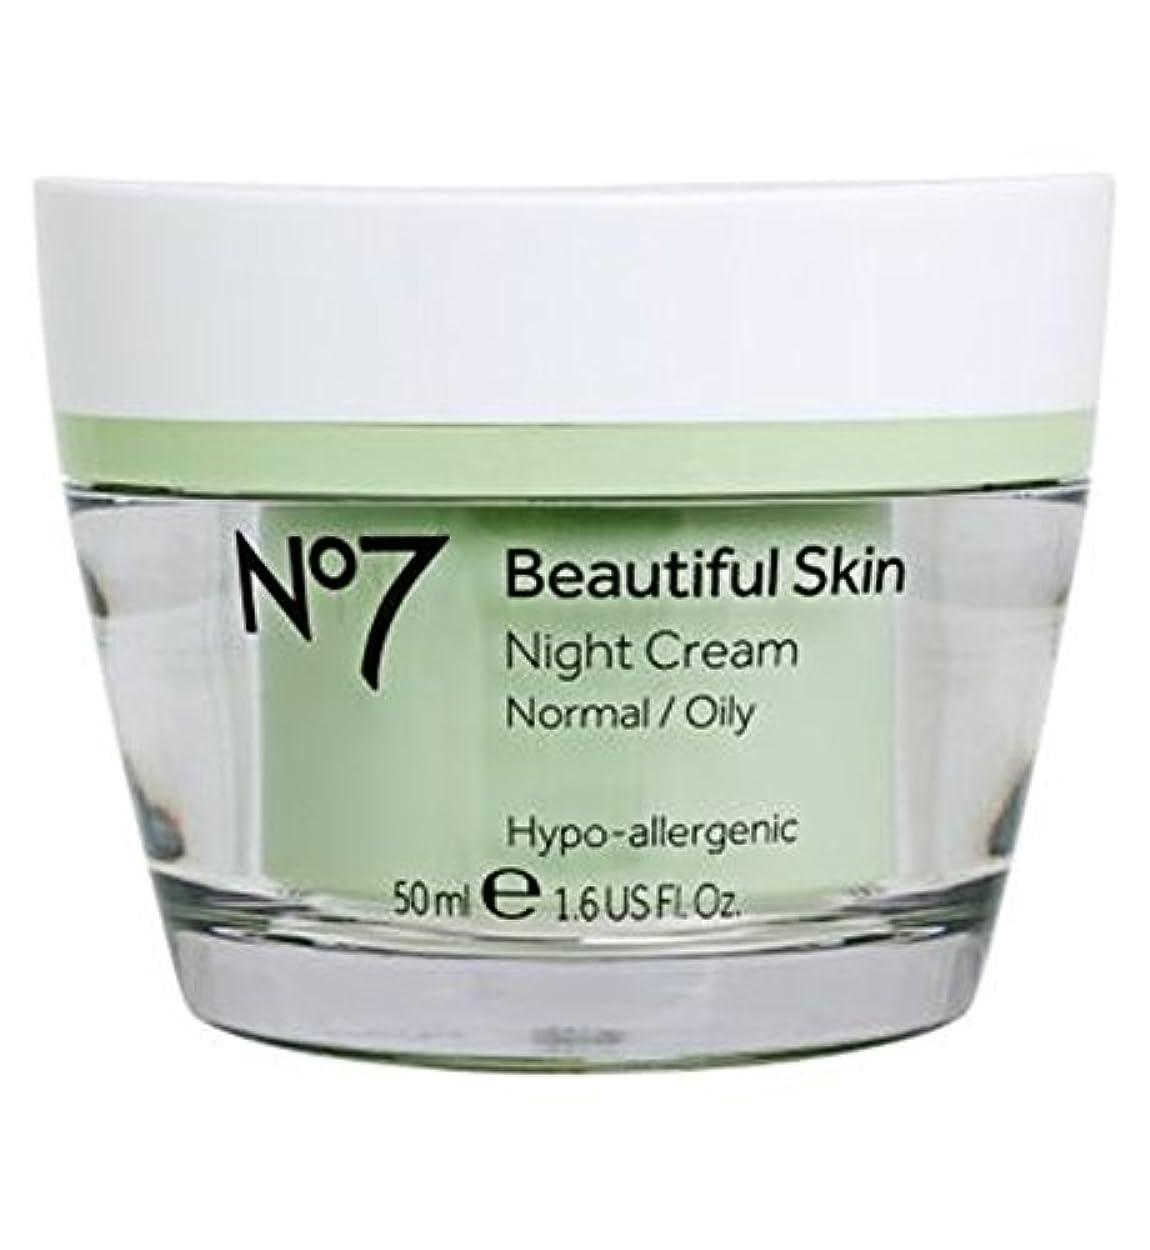 通り襟連鎖ノーマル/オイリー肌の50ミリリットルのためNo7美肌ナイトクリーム (No7) (x2) - No7 Beautiful Skin Night Cream for Normal / Oily Skin 50ml (Pack of 2) [並行輸入品]